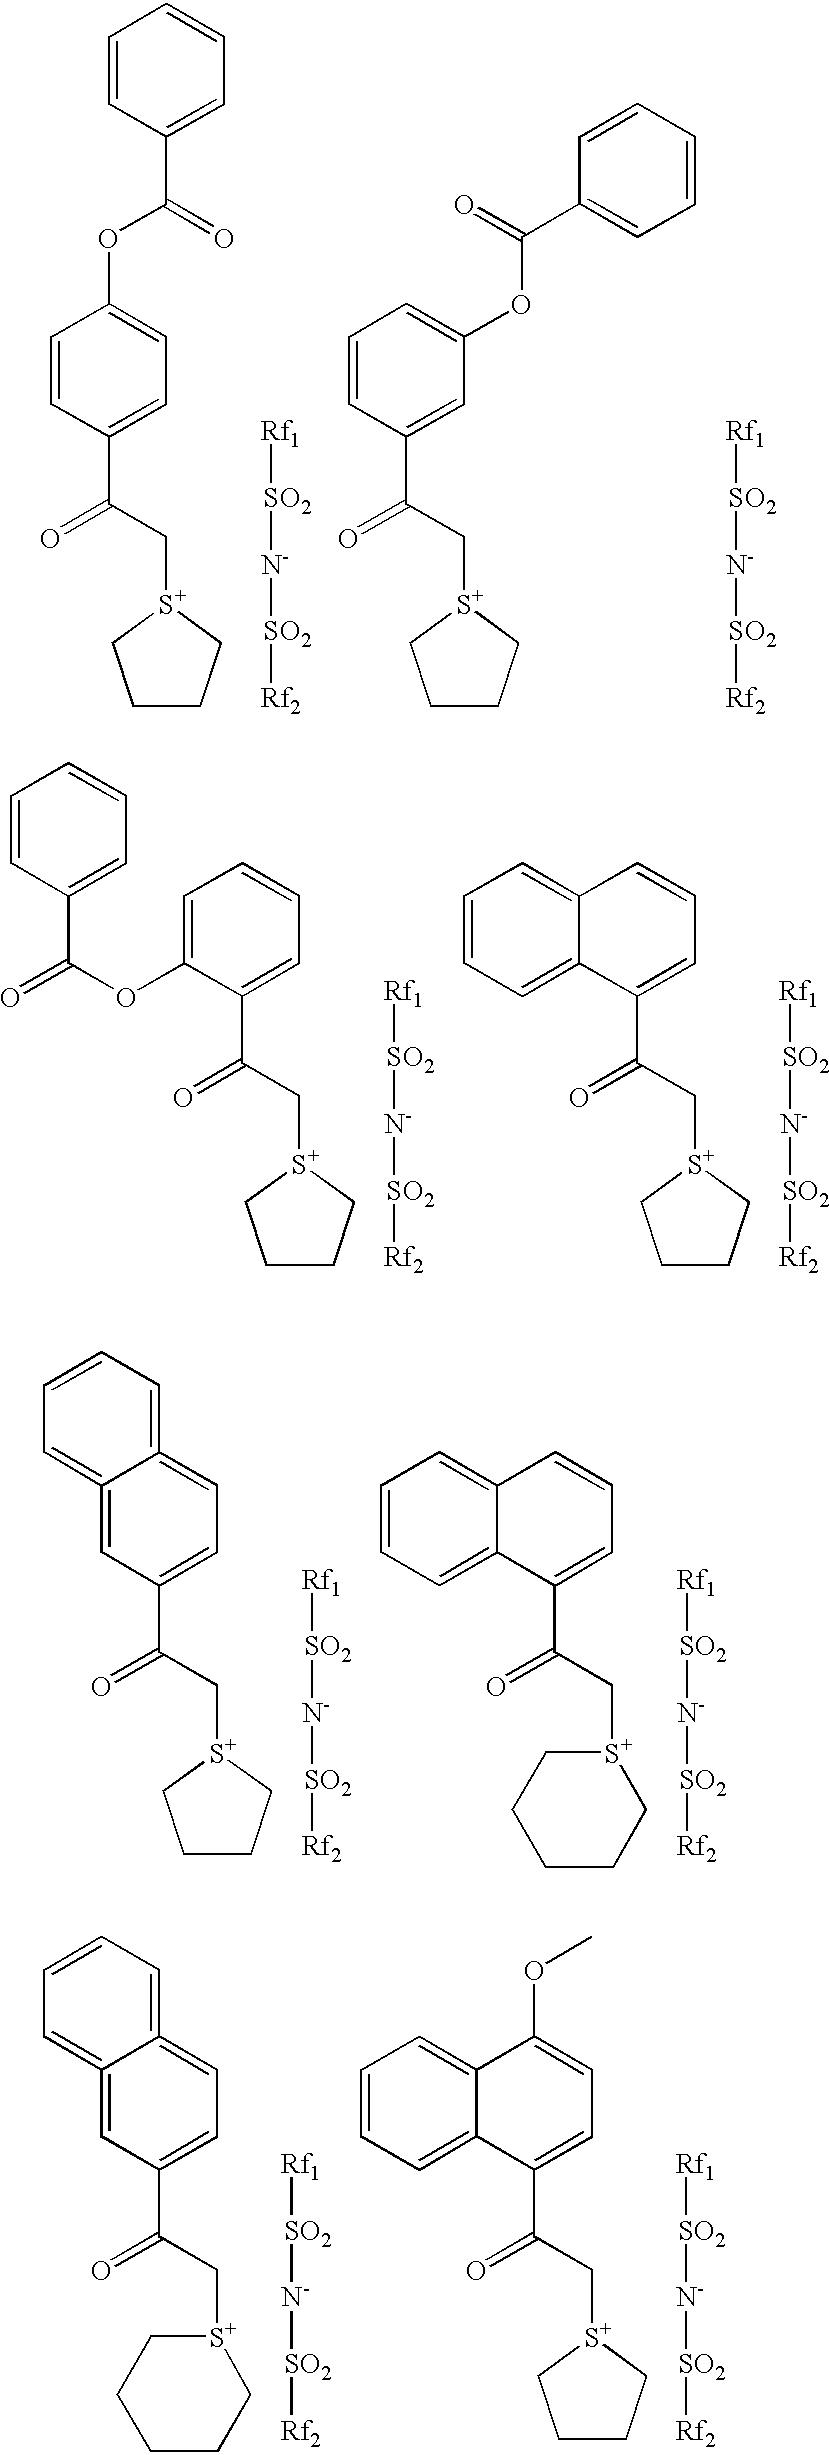 Figure US20030207201A1-20031106-C00012